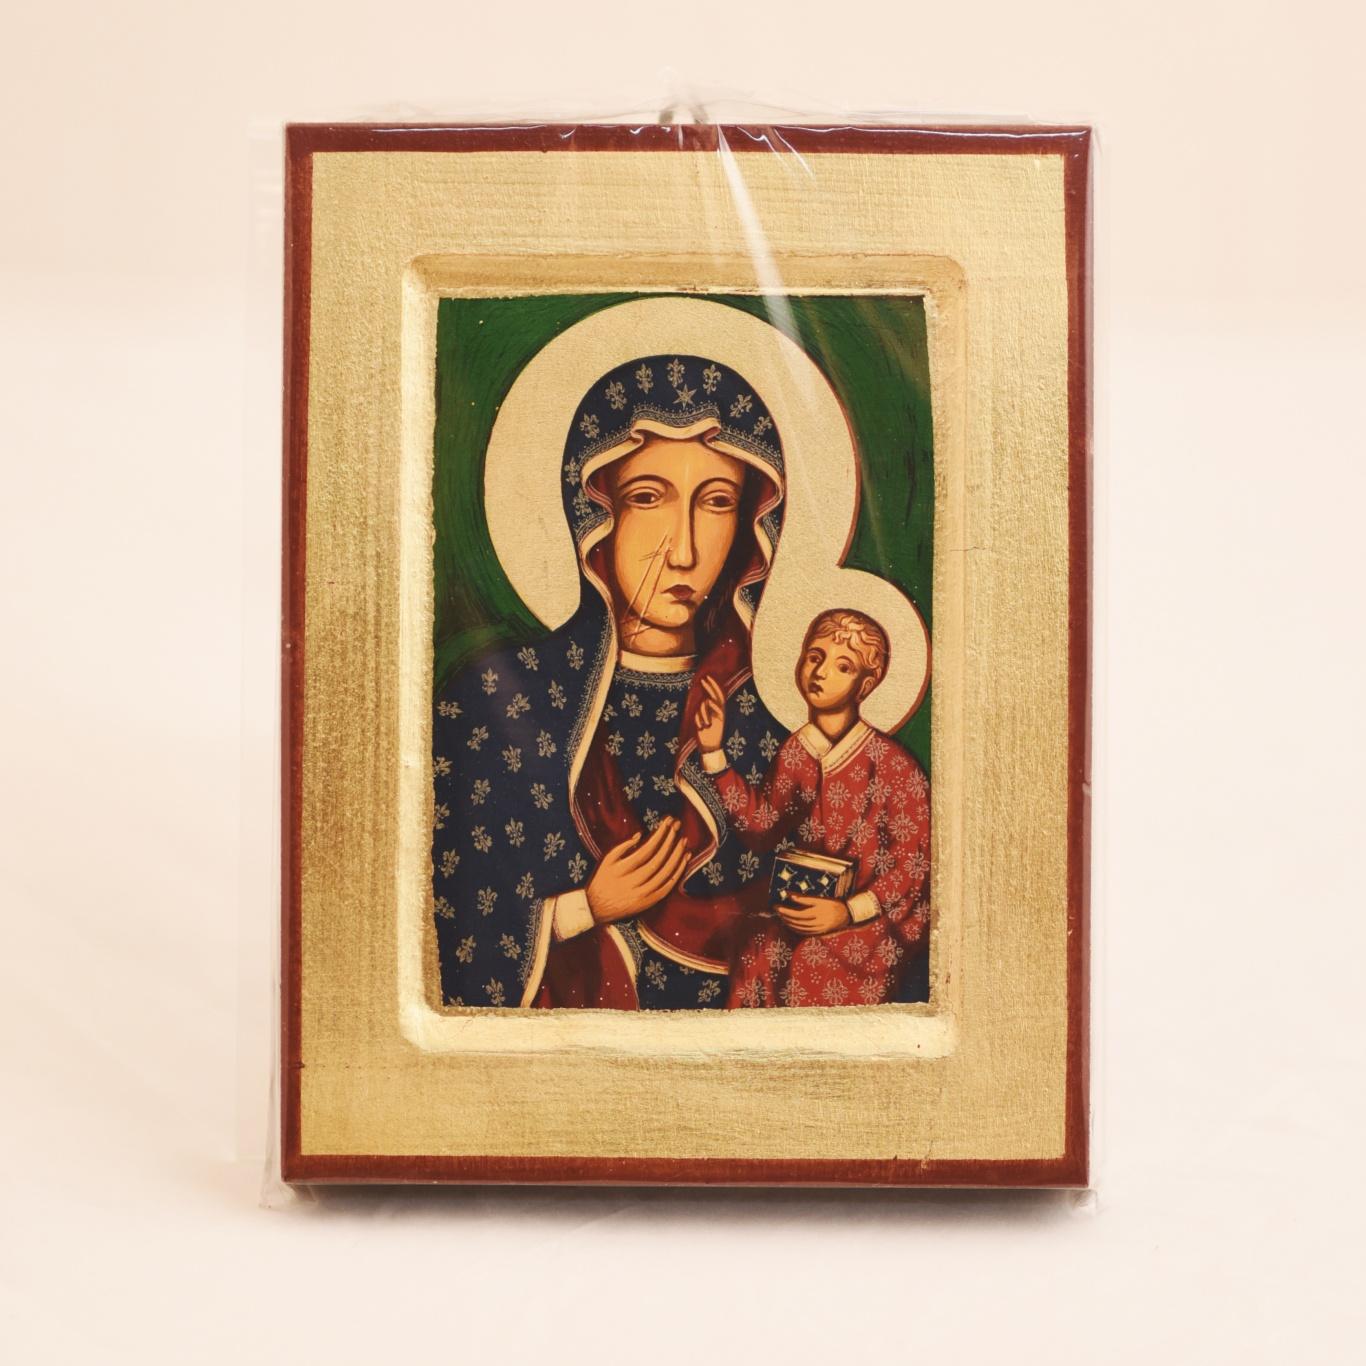 Ikona grecka Matki Bożej Częstochowskiej